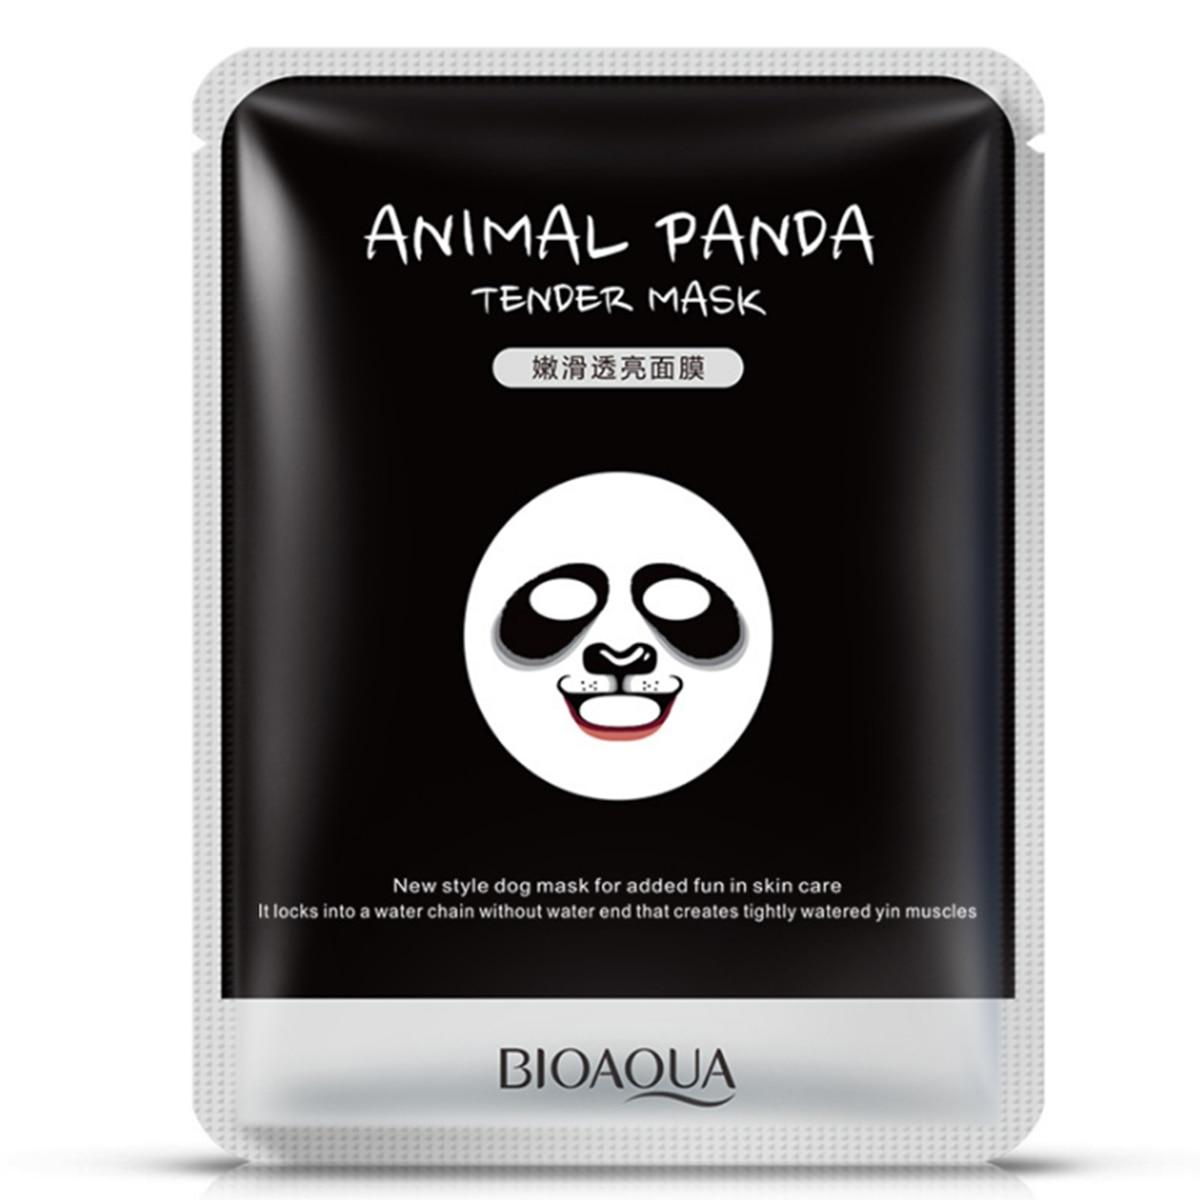 Брендовая маска для лица, одноразовая увлажняющая натуральная маска для лица, сыворотка для домашнего удовольствия, животных, персонажей п...